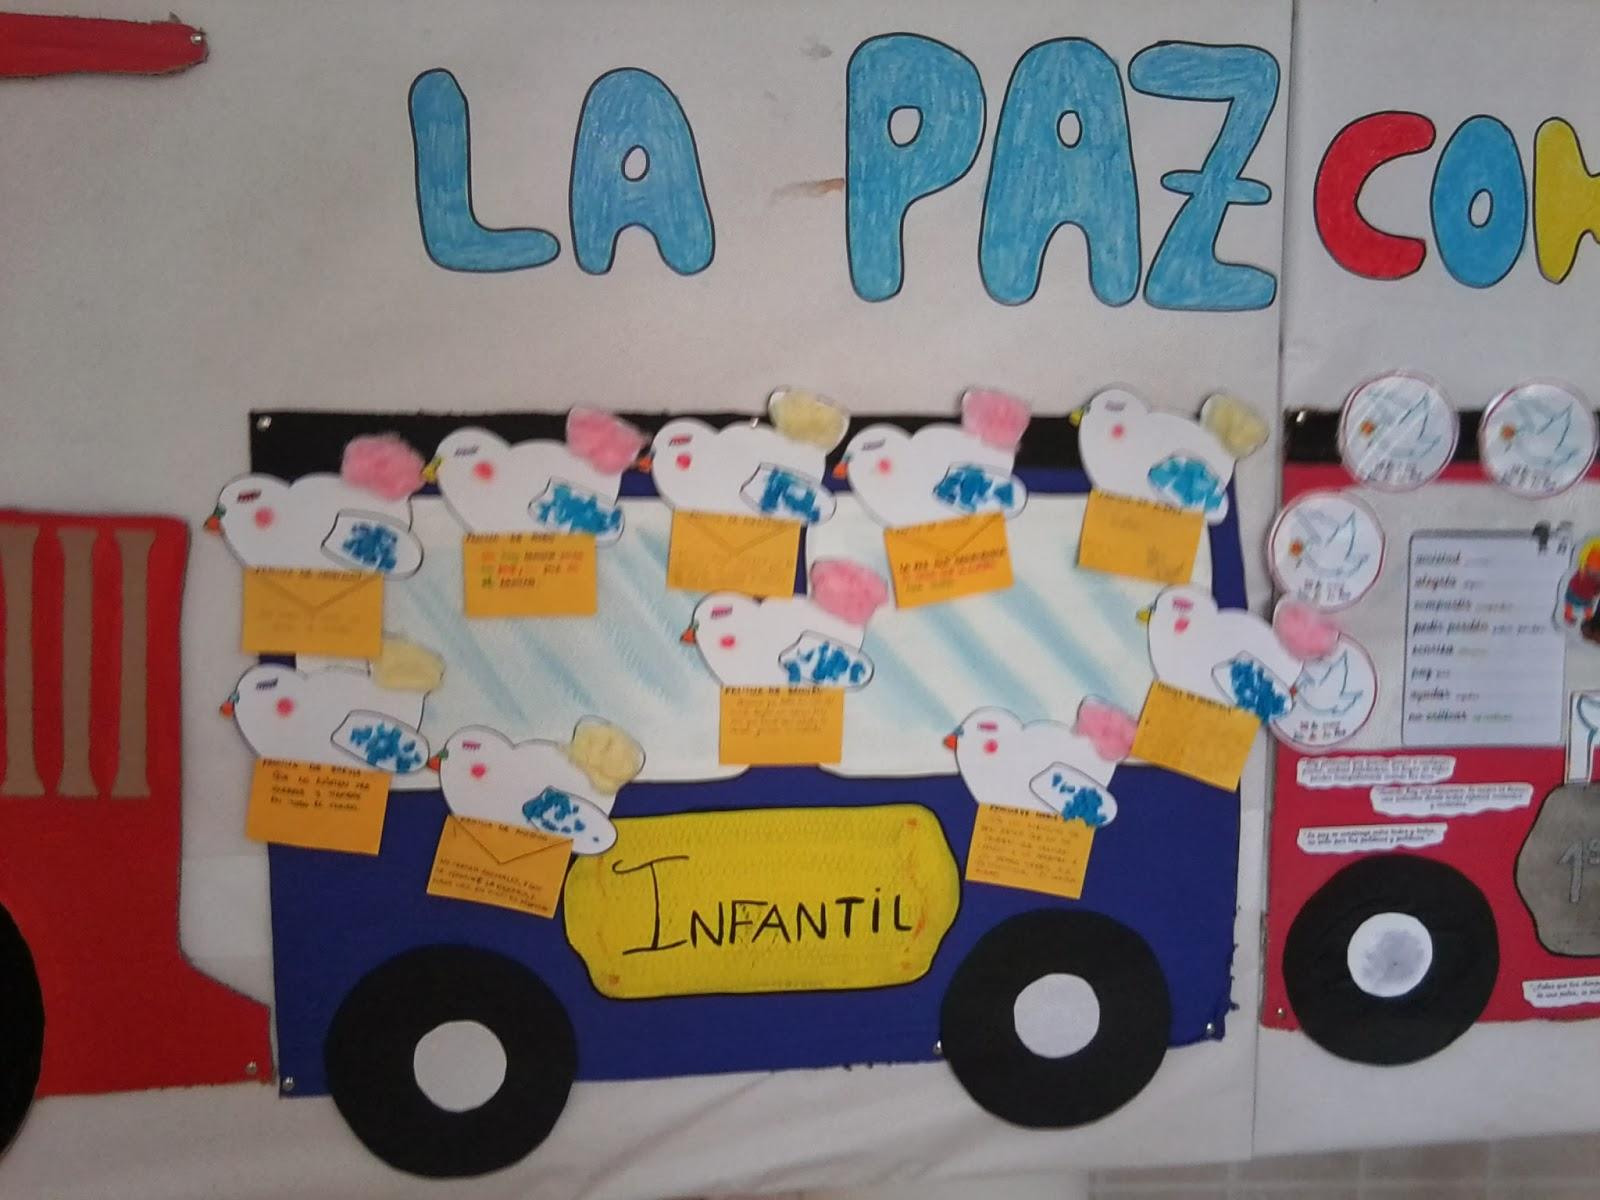 Rincón De Infantil Día De La Paz: El Rincón De Infantil